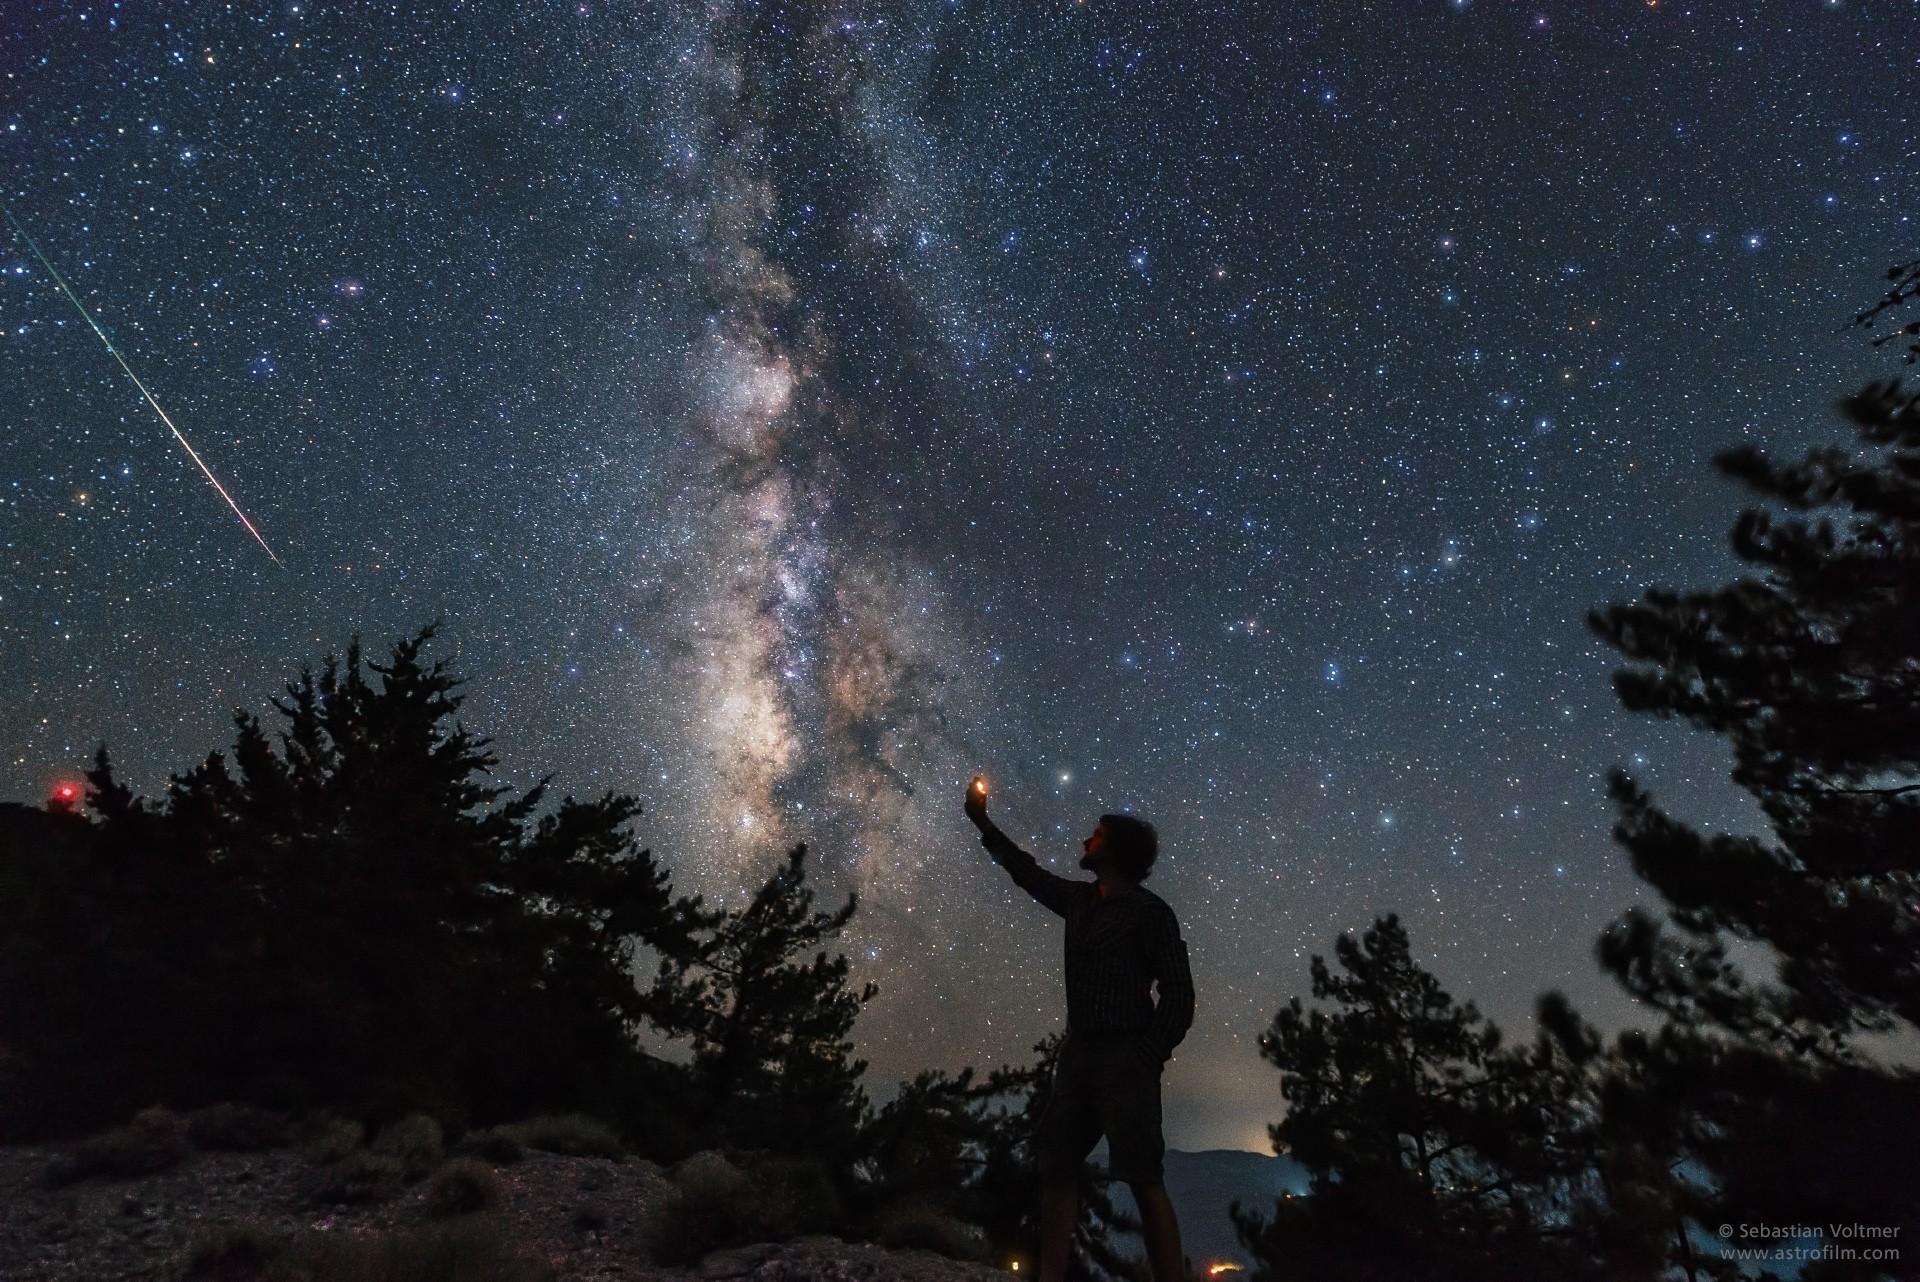 время картинки со звездным небом и надпись я тебя найду планирования досуга